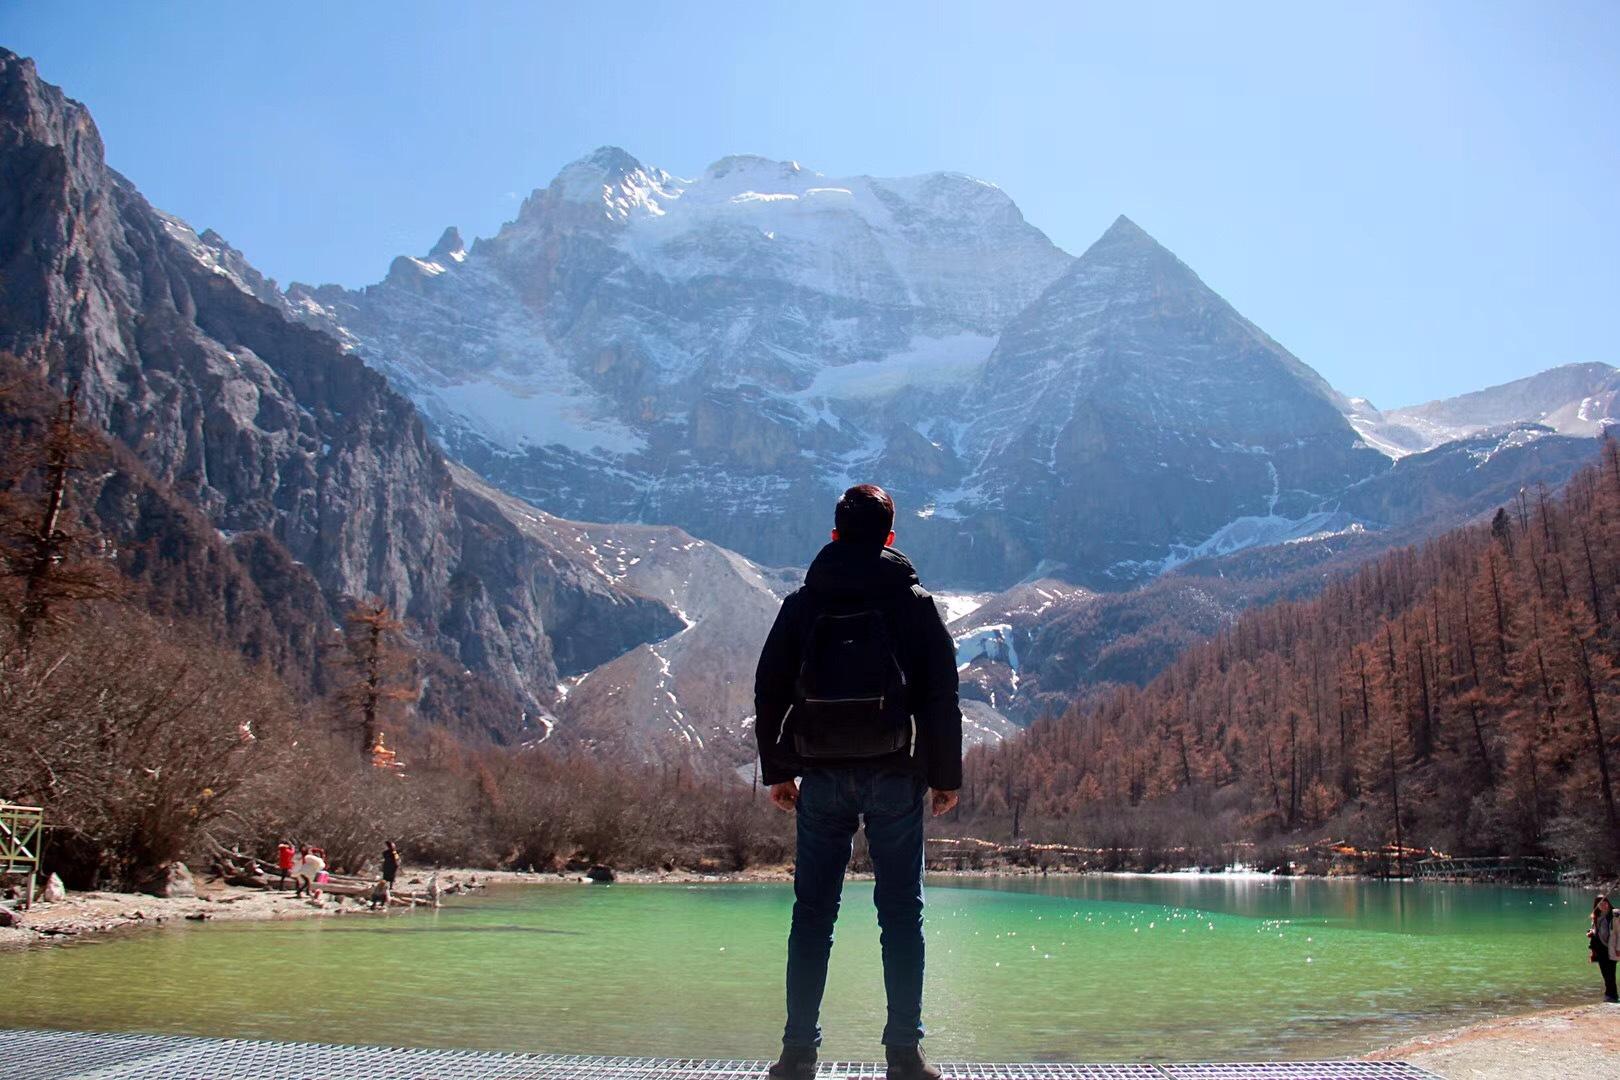 川藏线自驾游_稻城亚丁什么时候去最好,稻城亚丁几月份去最美?